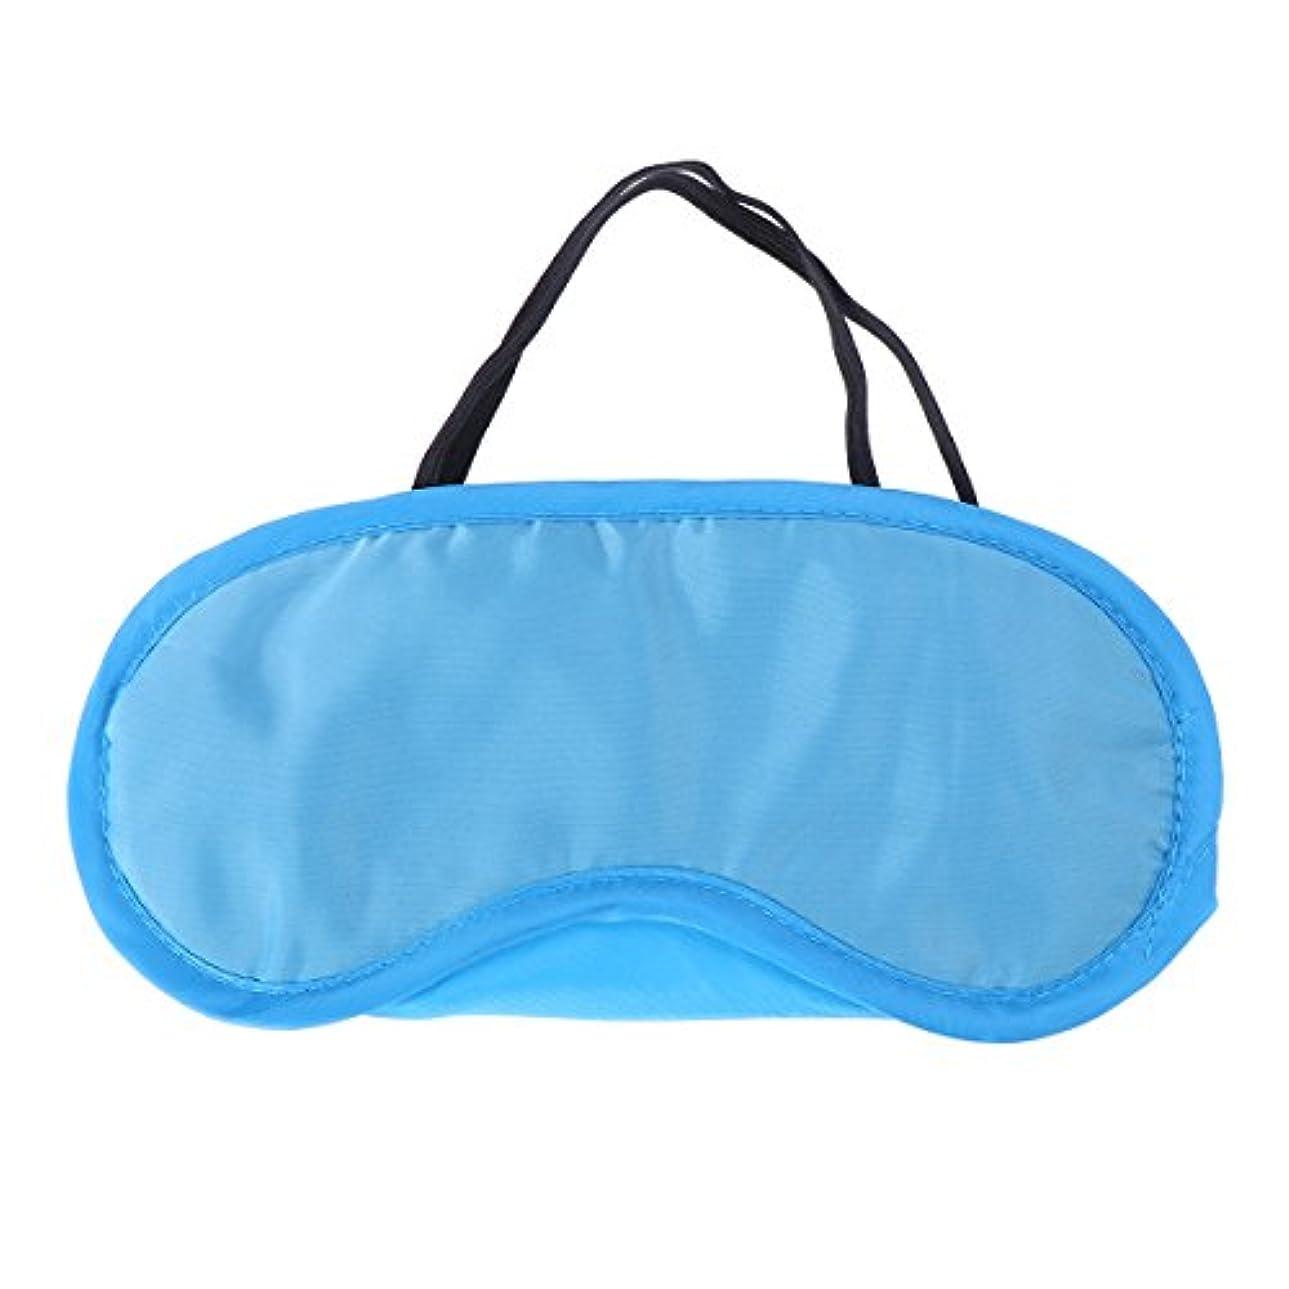 盲信断言する東HEALIFTY 軽量で快適な睡眠のための調整可能なアイマスク(旅行用スカイブルー)